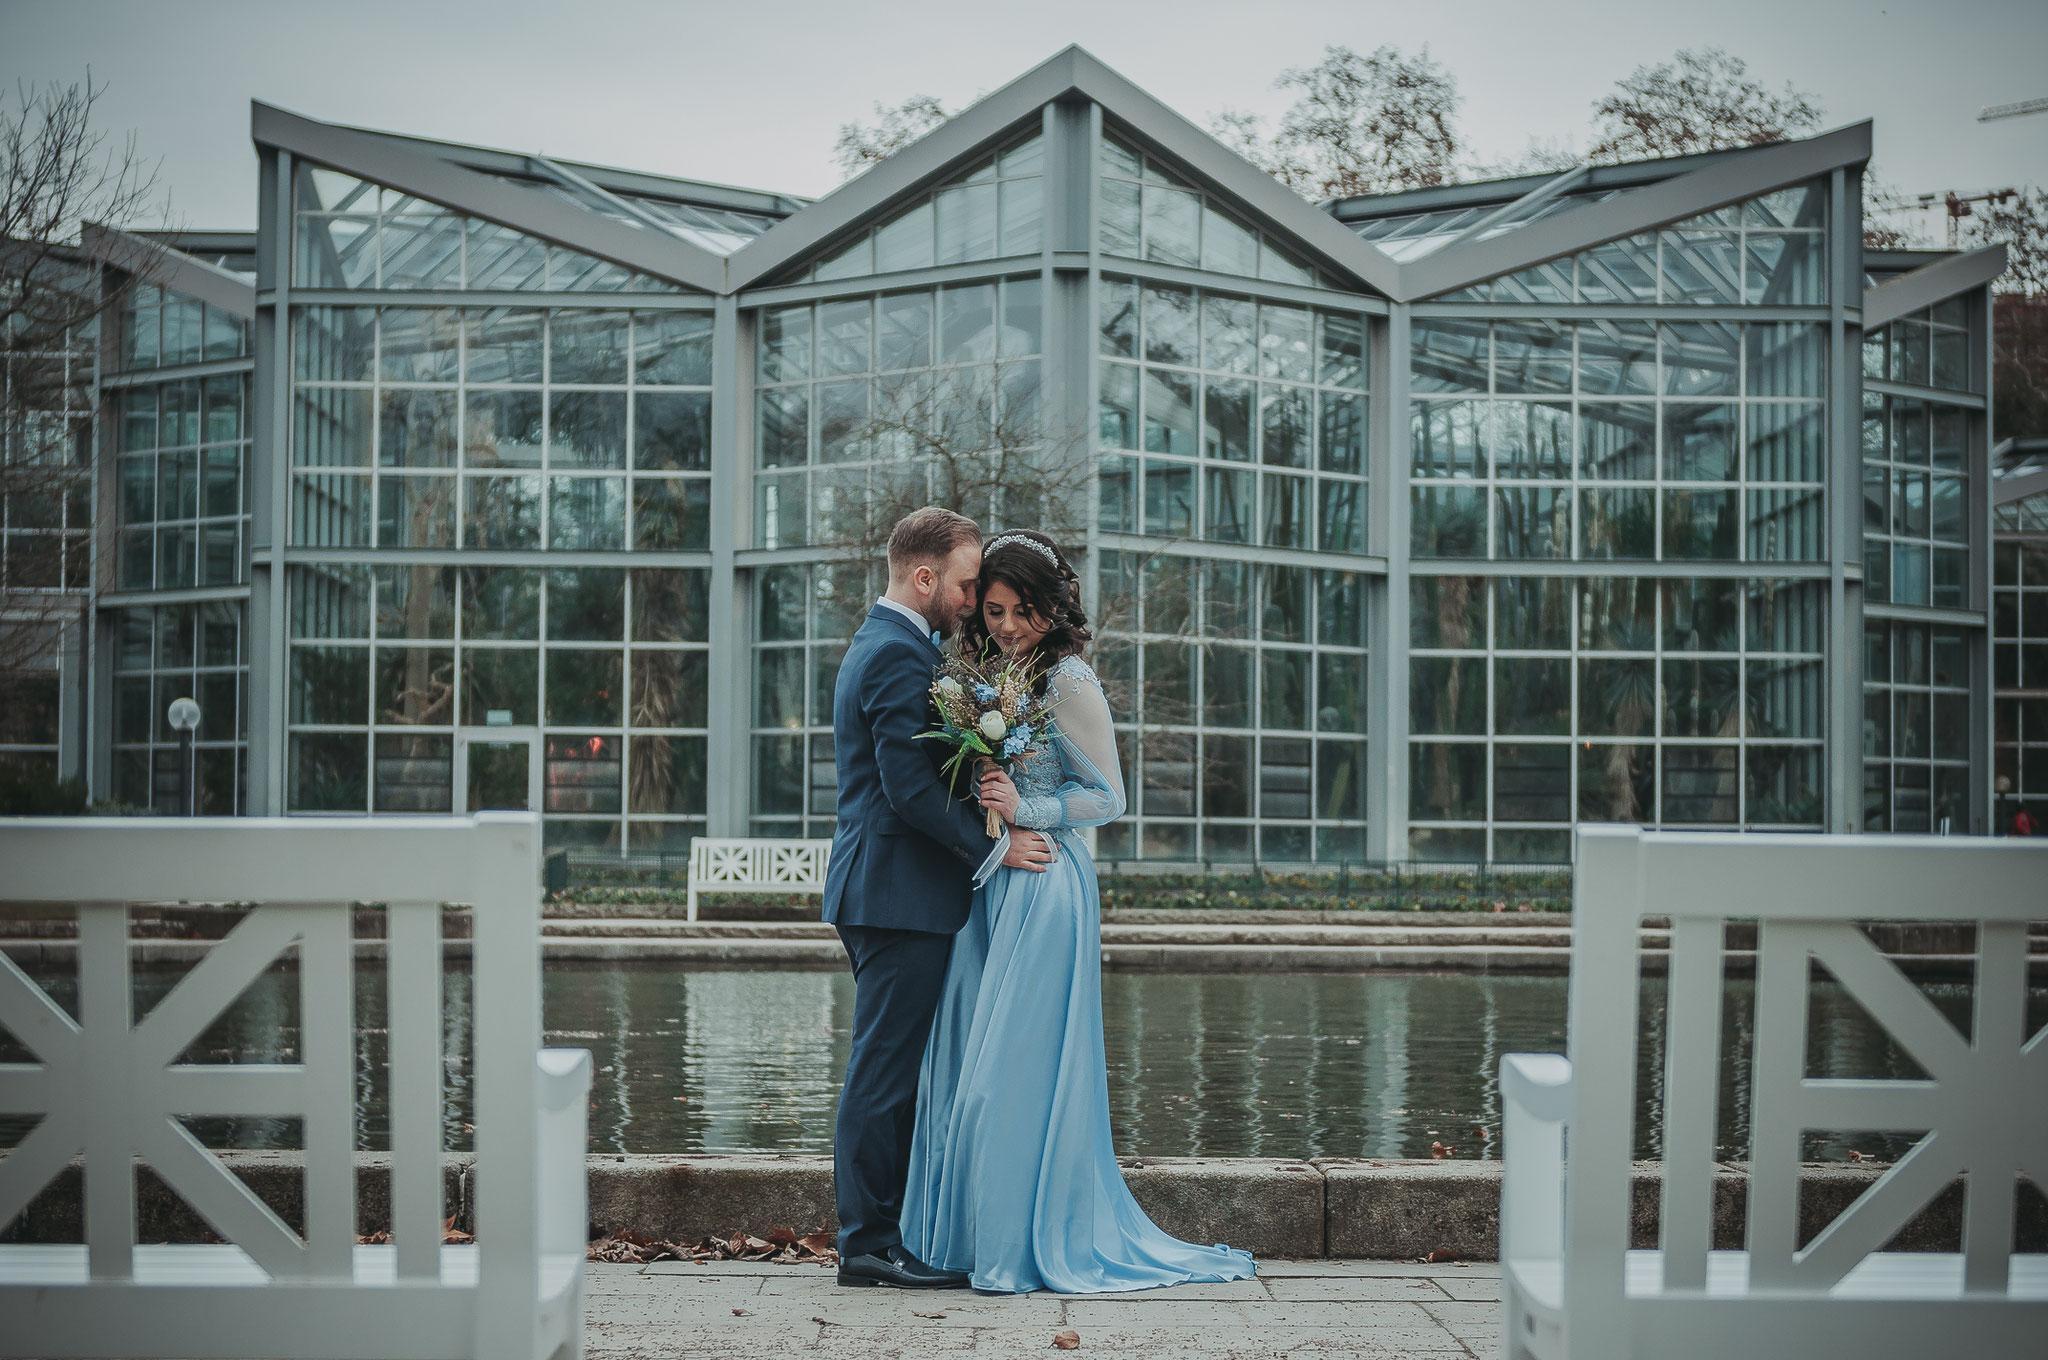 Klassische Aufnahmen ihrer Verlobung im Frankfurter Palmengarten